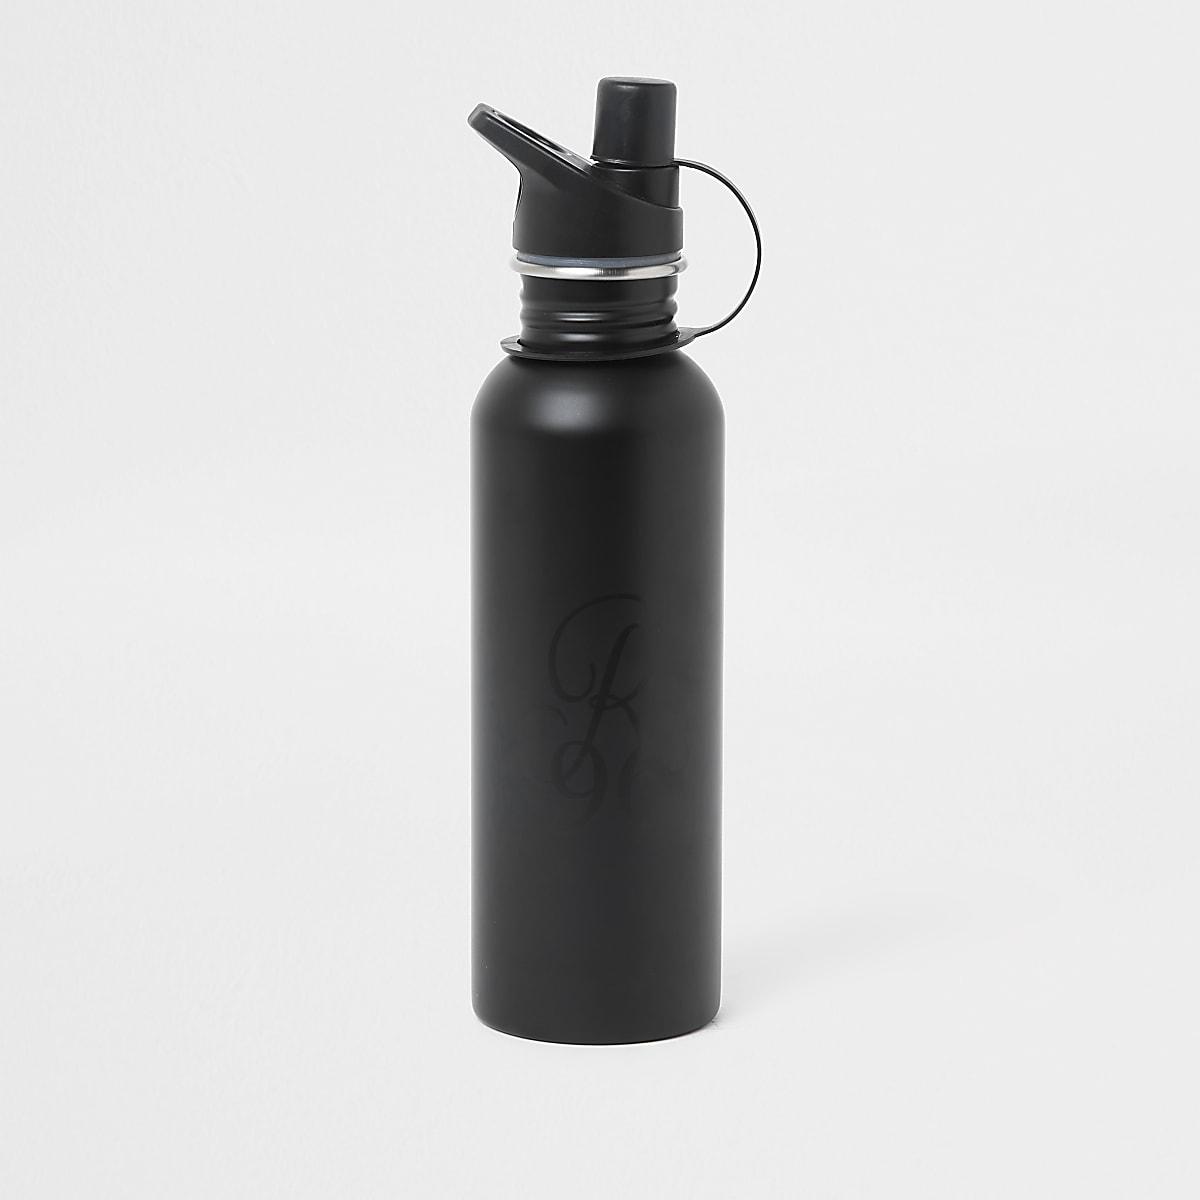 Black R96 water bottle